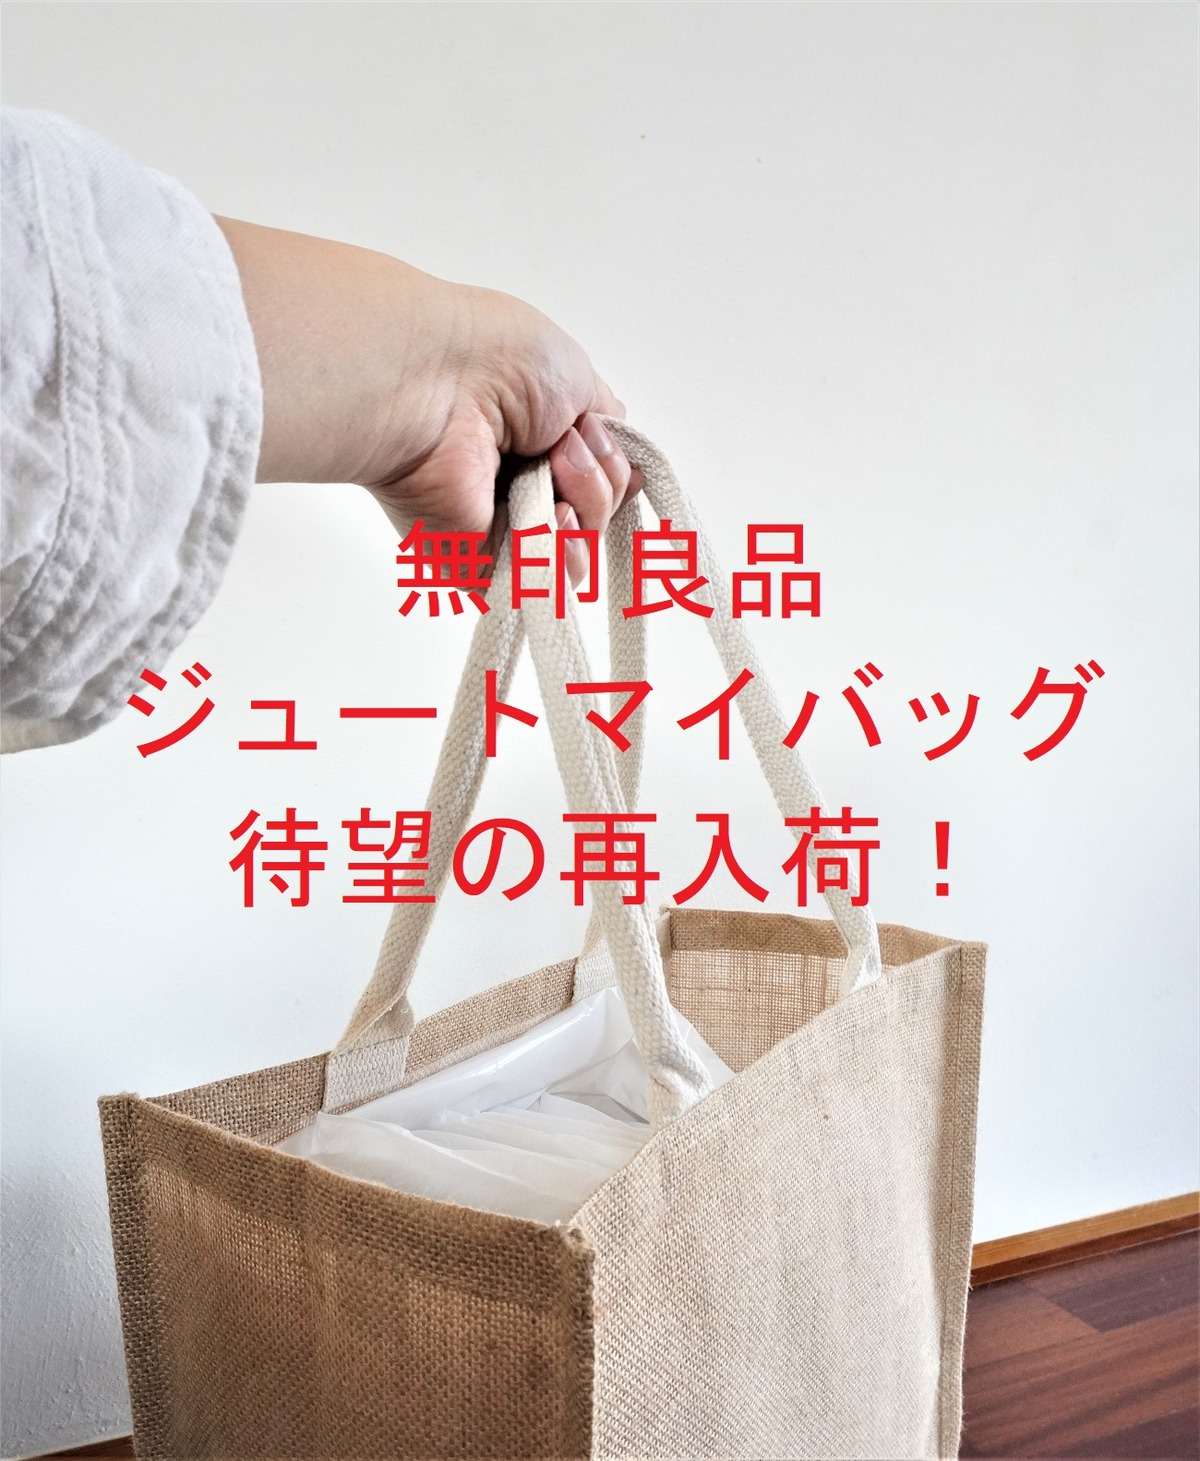 無印良品の即完売話題商品「ジュートマイバッグ」待望の発売開始です!